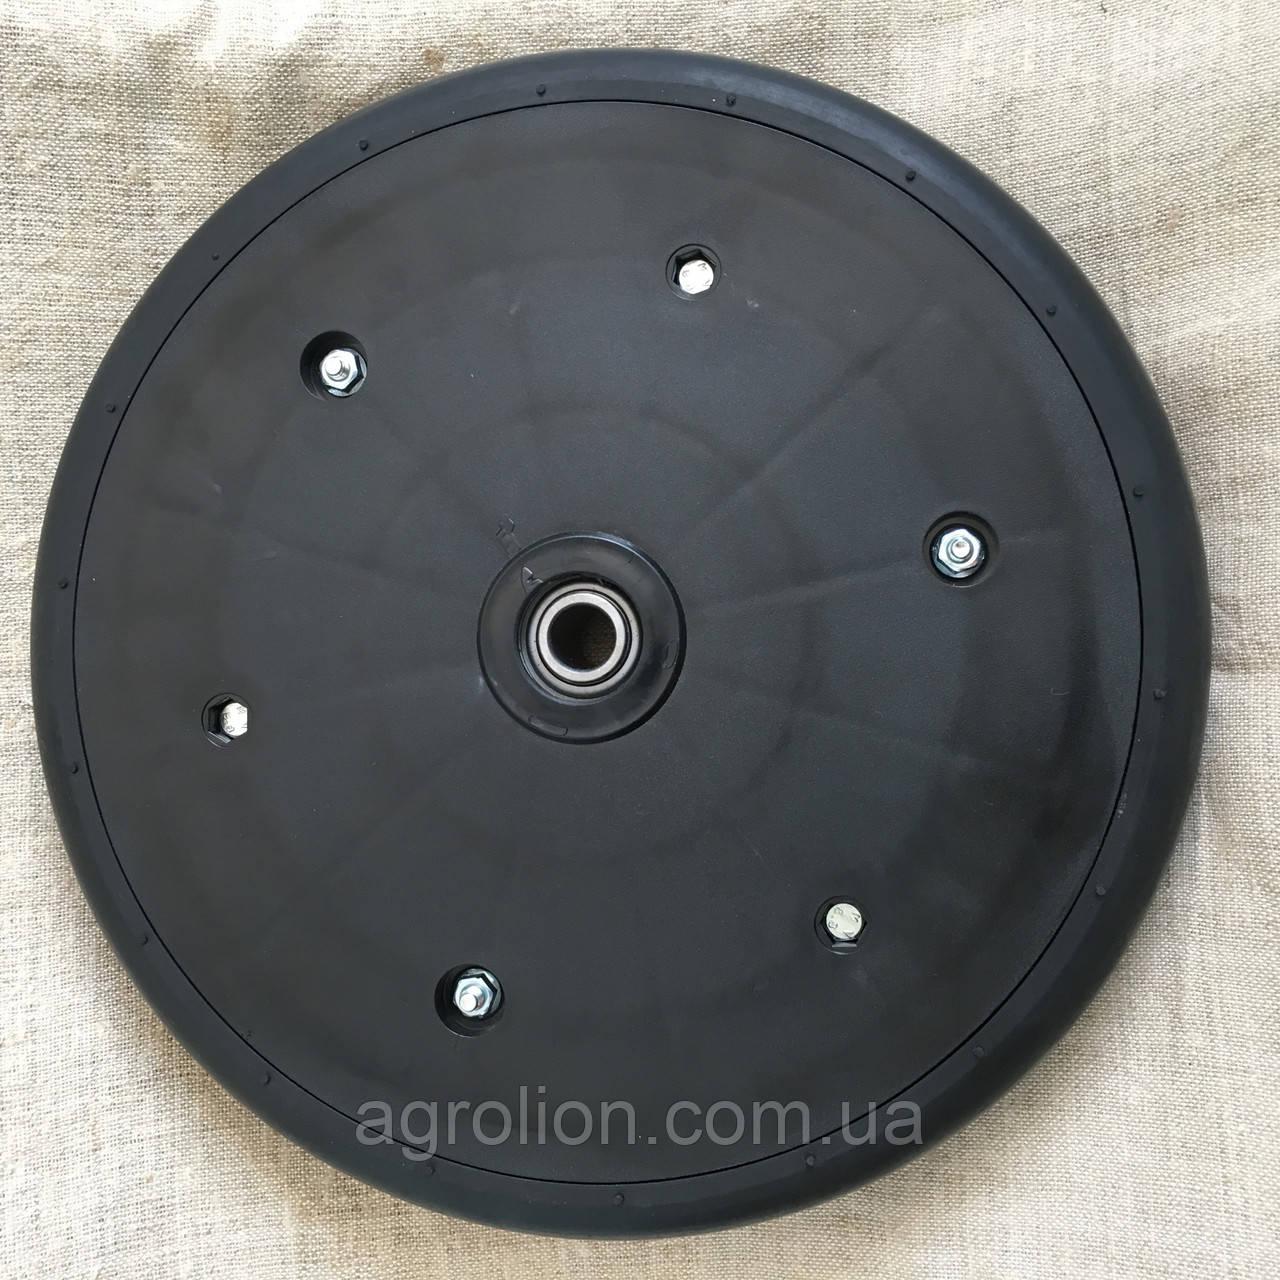 """Прикотуюче колесо в зборі ( диск поліамід) 2"""" x 13"""" Gaspardo F06120259 з підшипником 5203KYY2"""